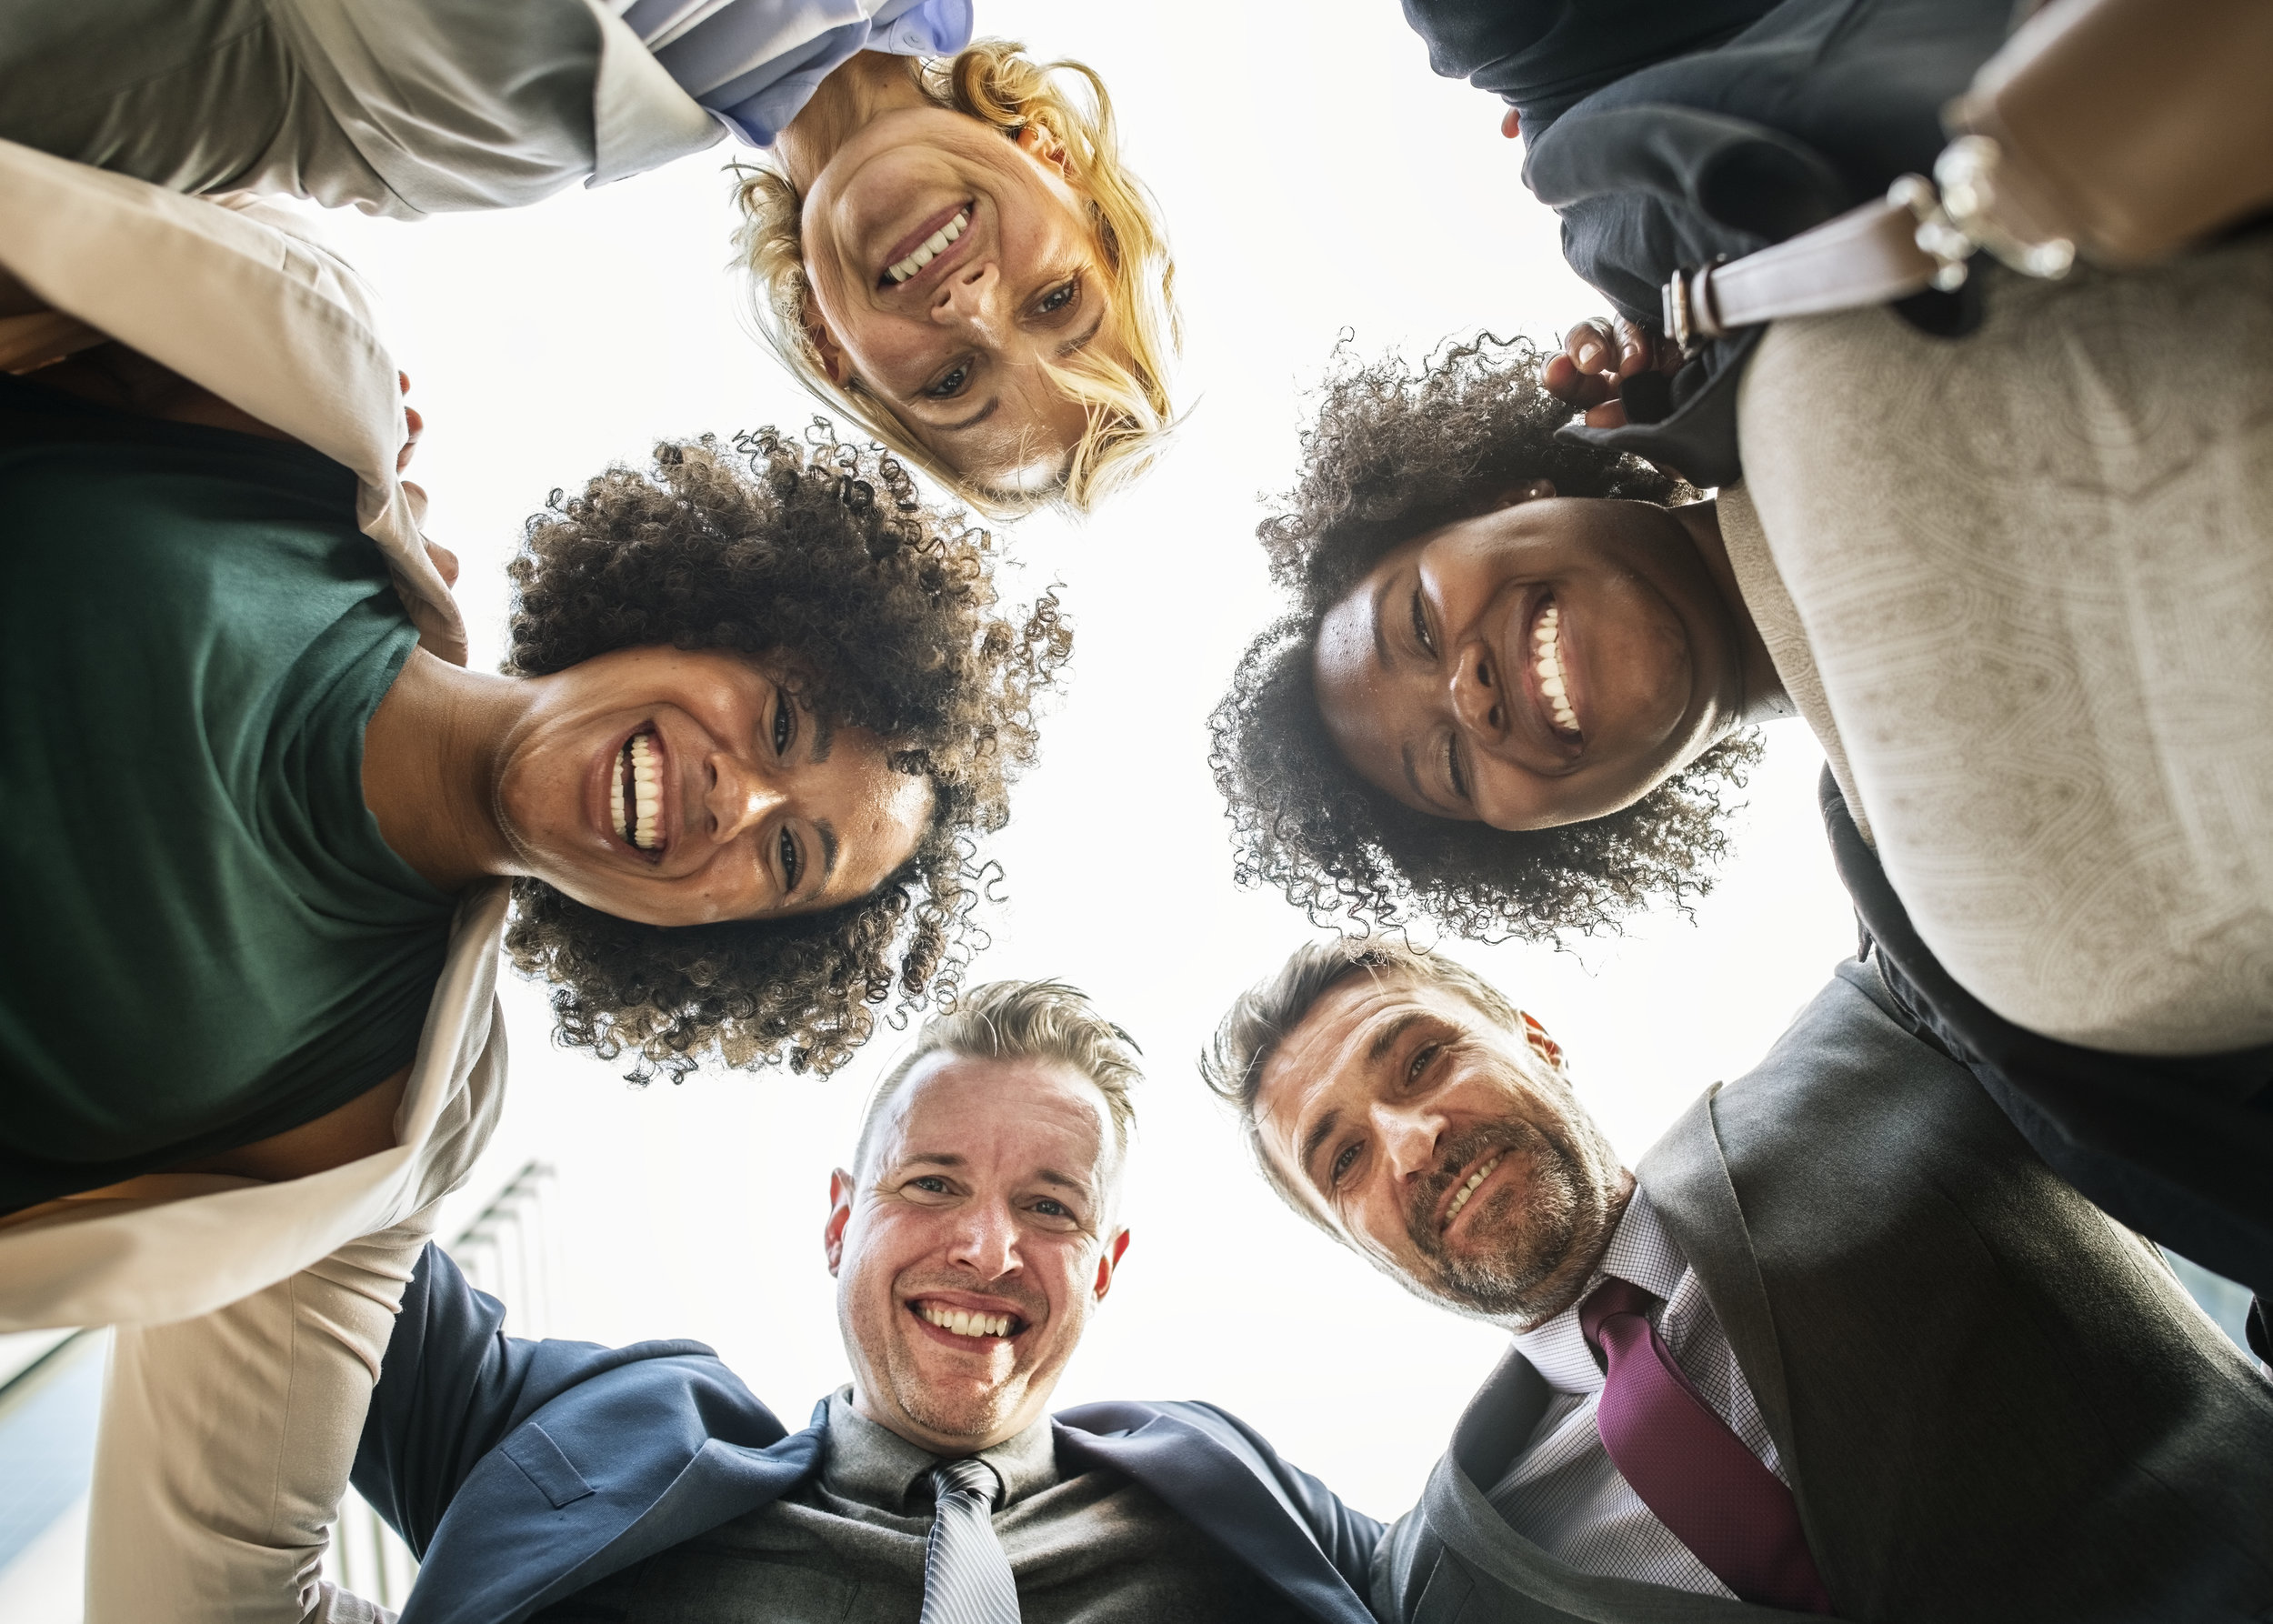 People-Focused - We always remember that people ultimately make or break IT solutions.